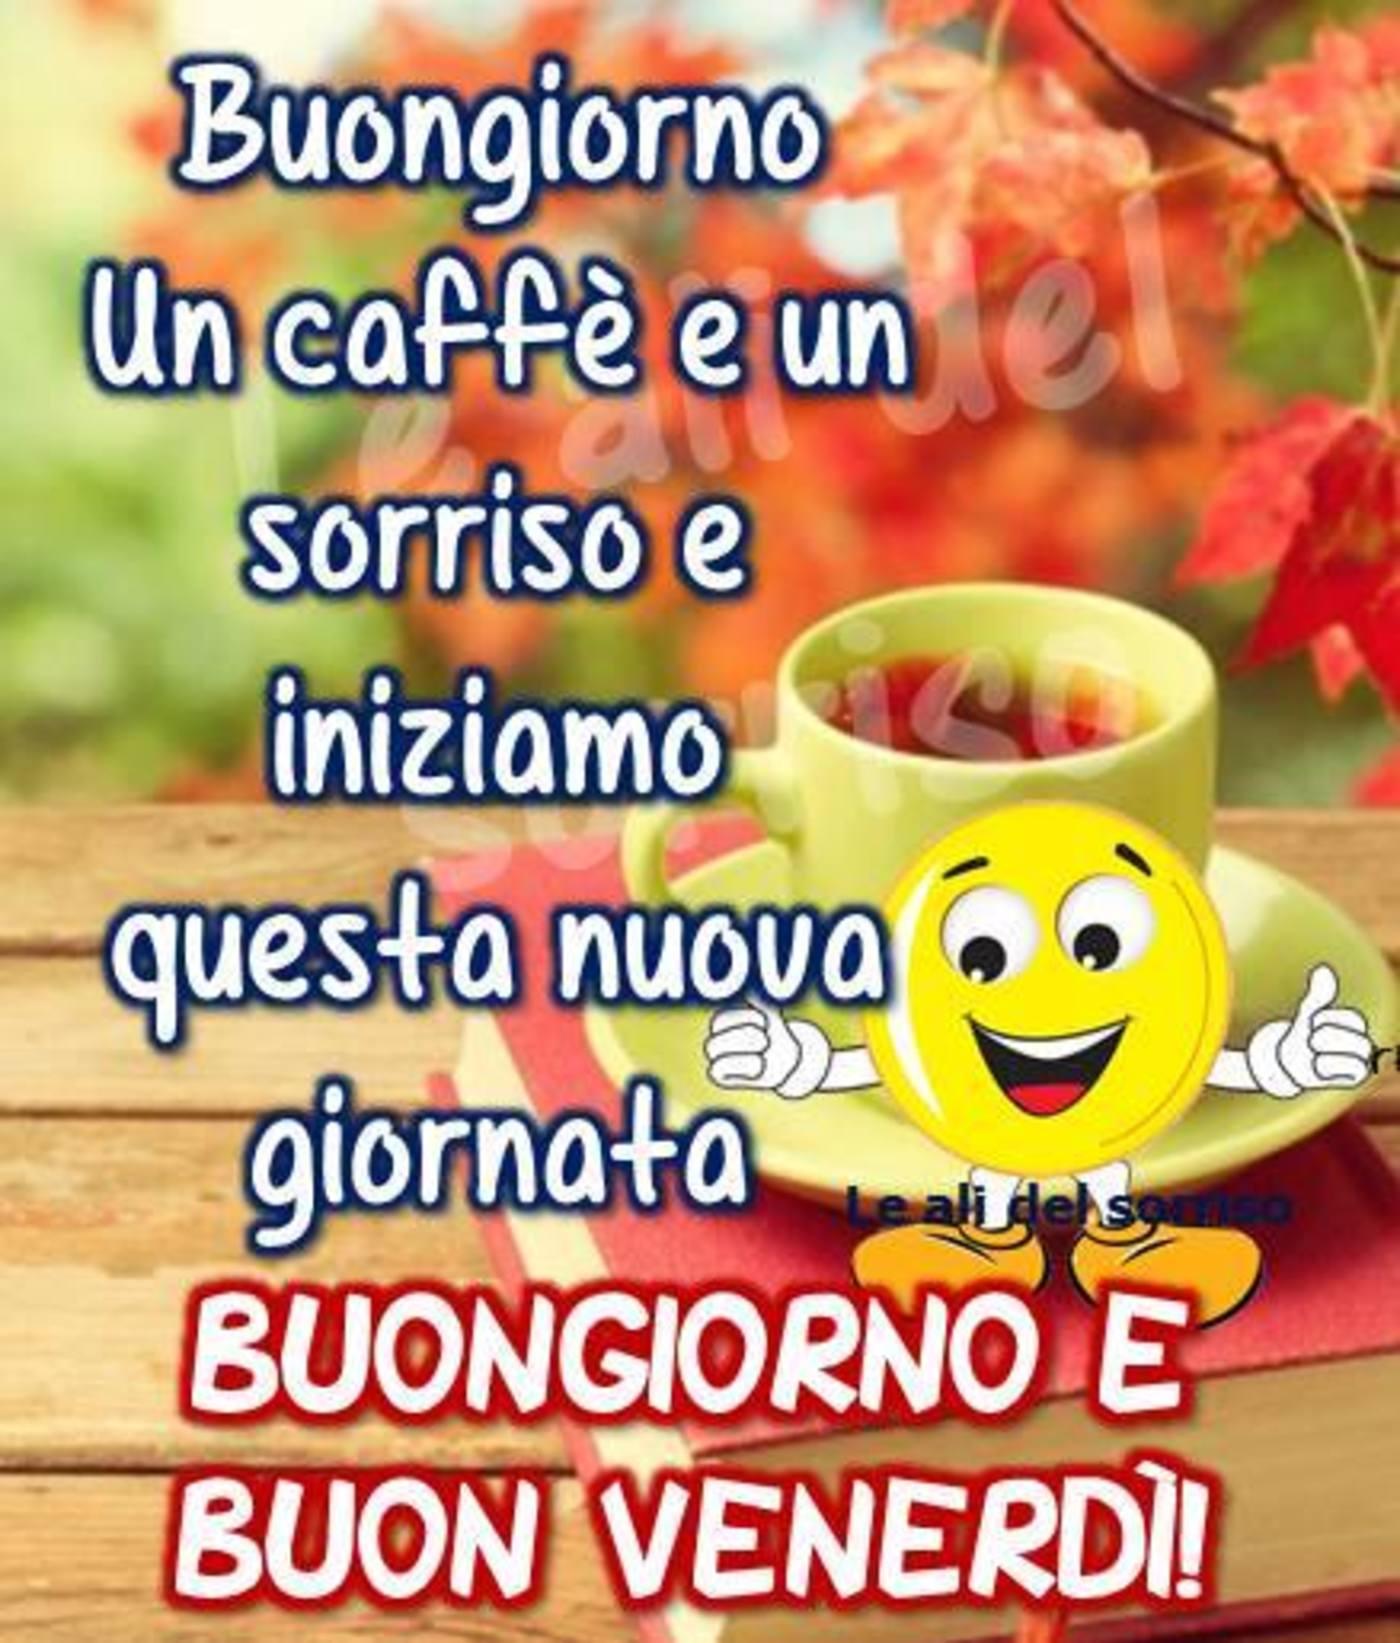 Buon Venerdì Con Le Frasi 3 Buongiornoateit